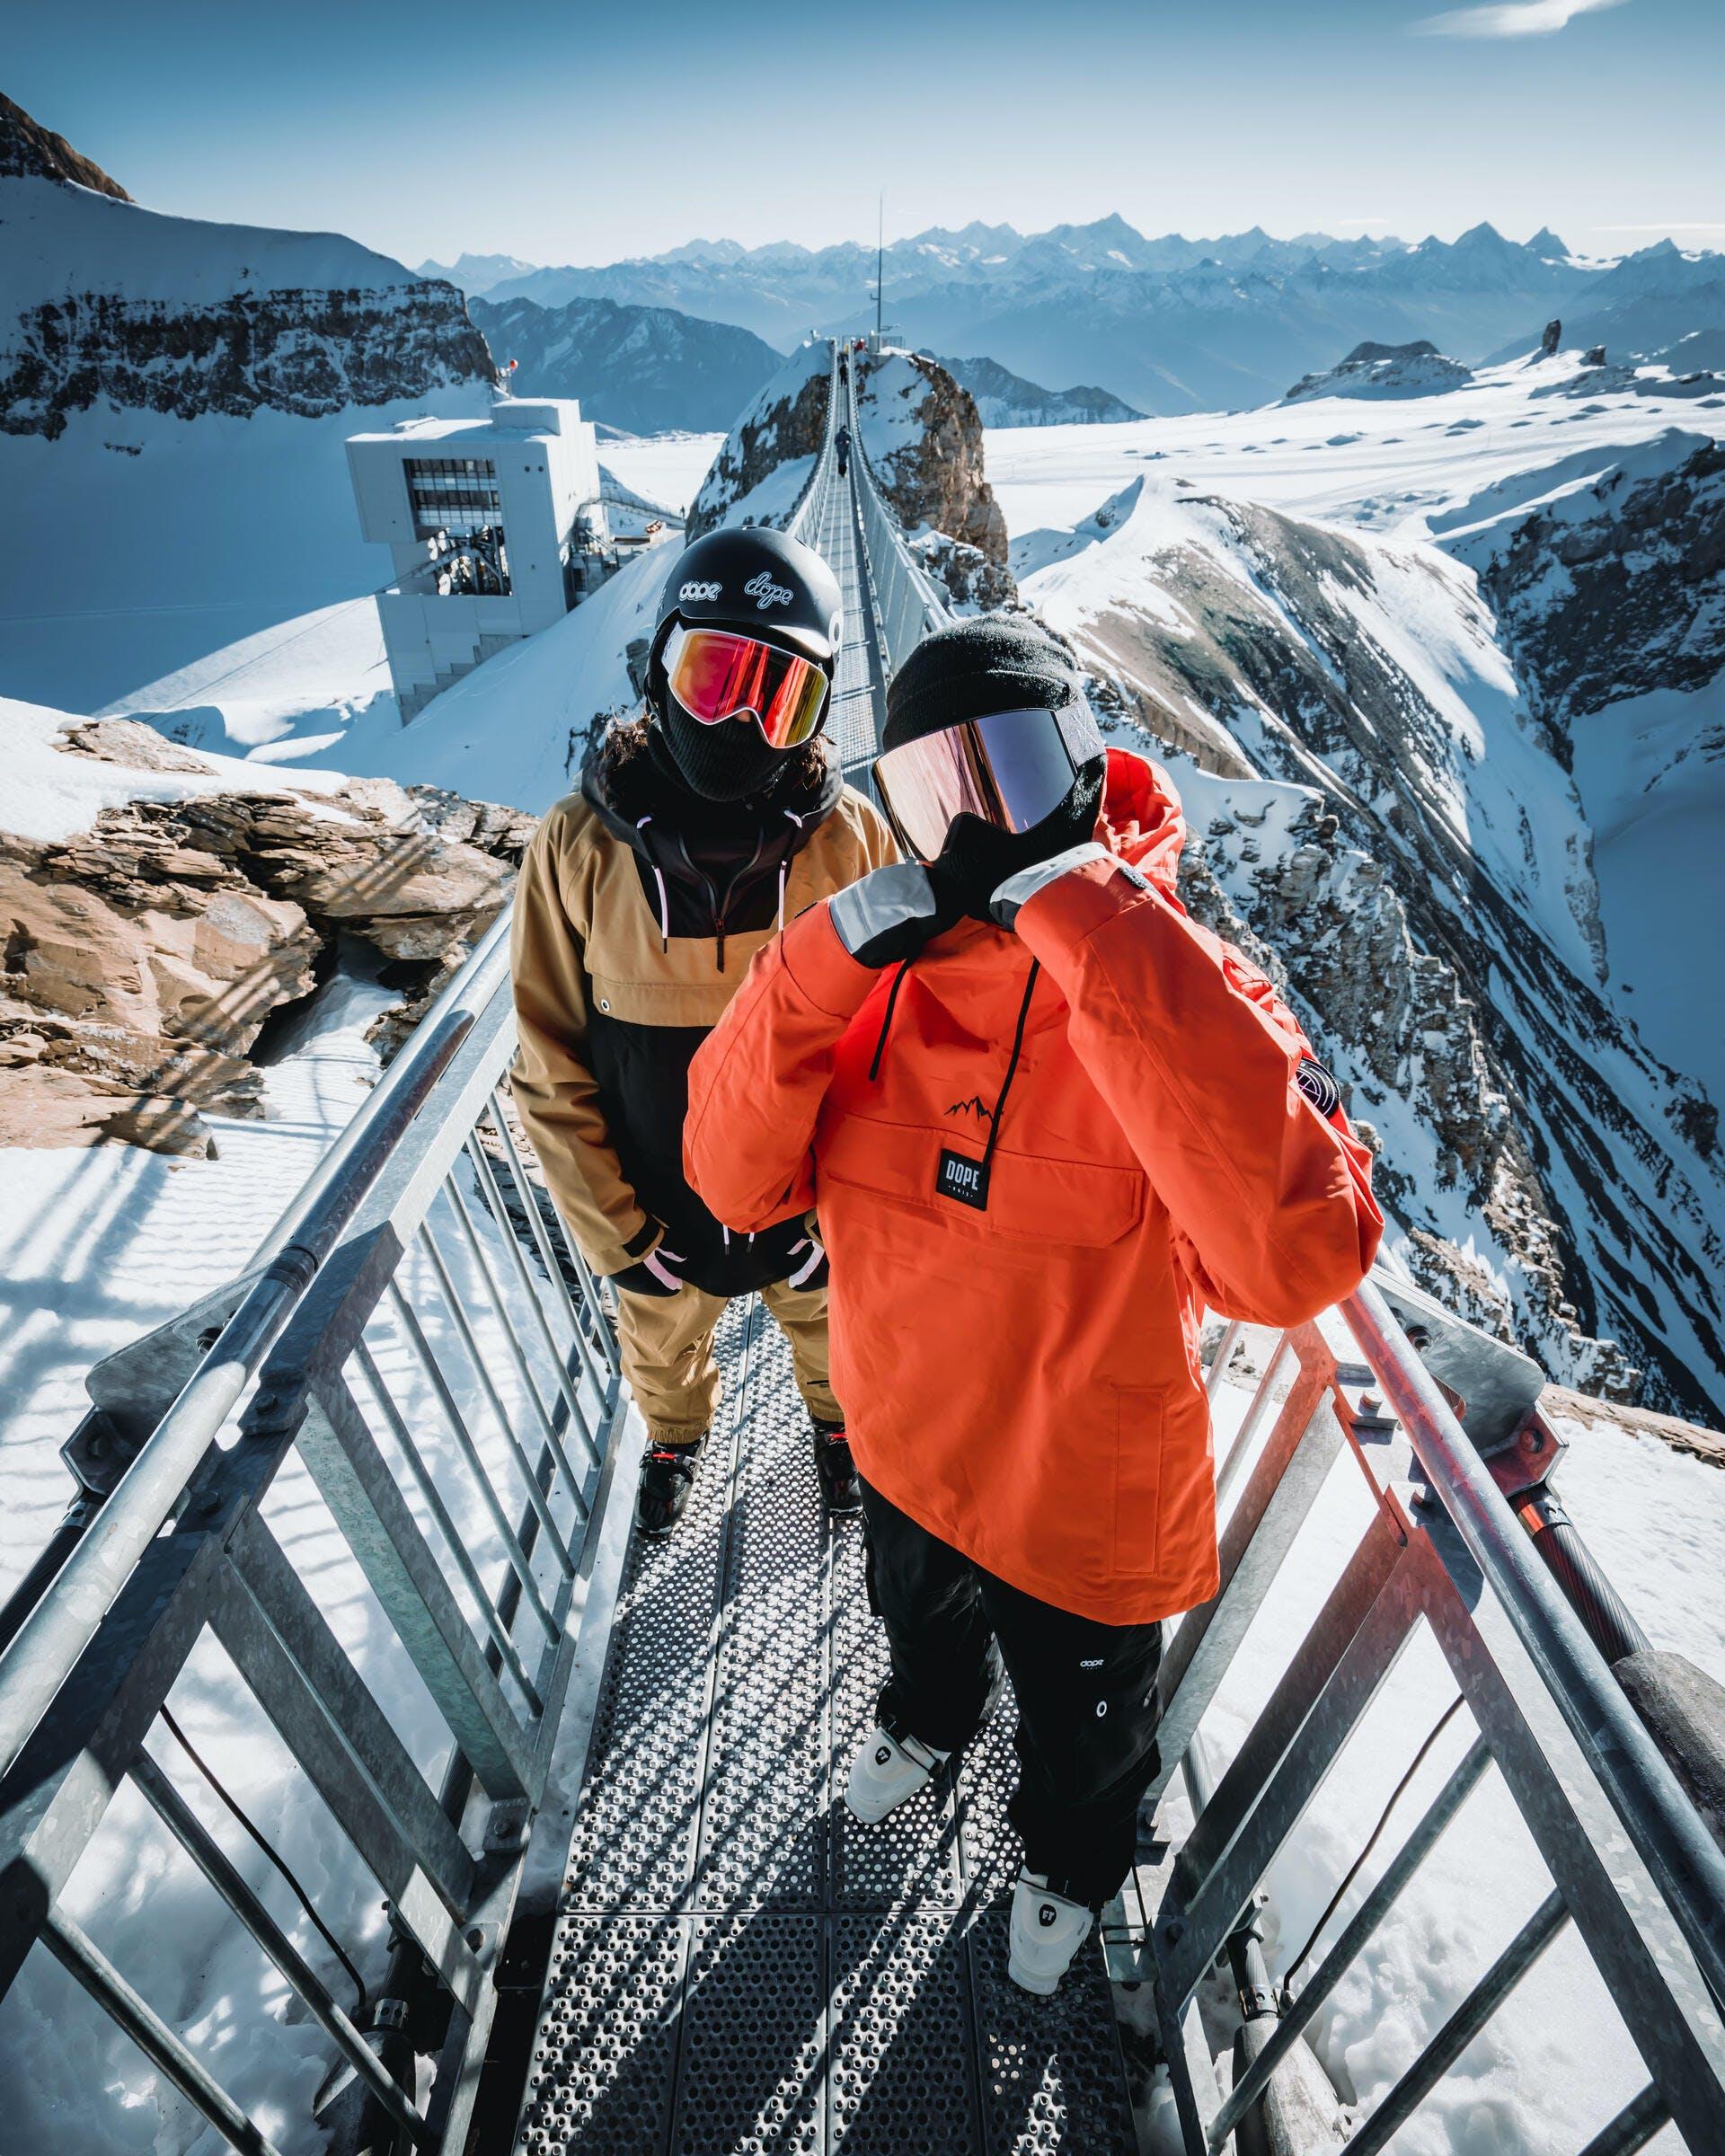 Ski goggle FAQs